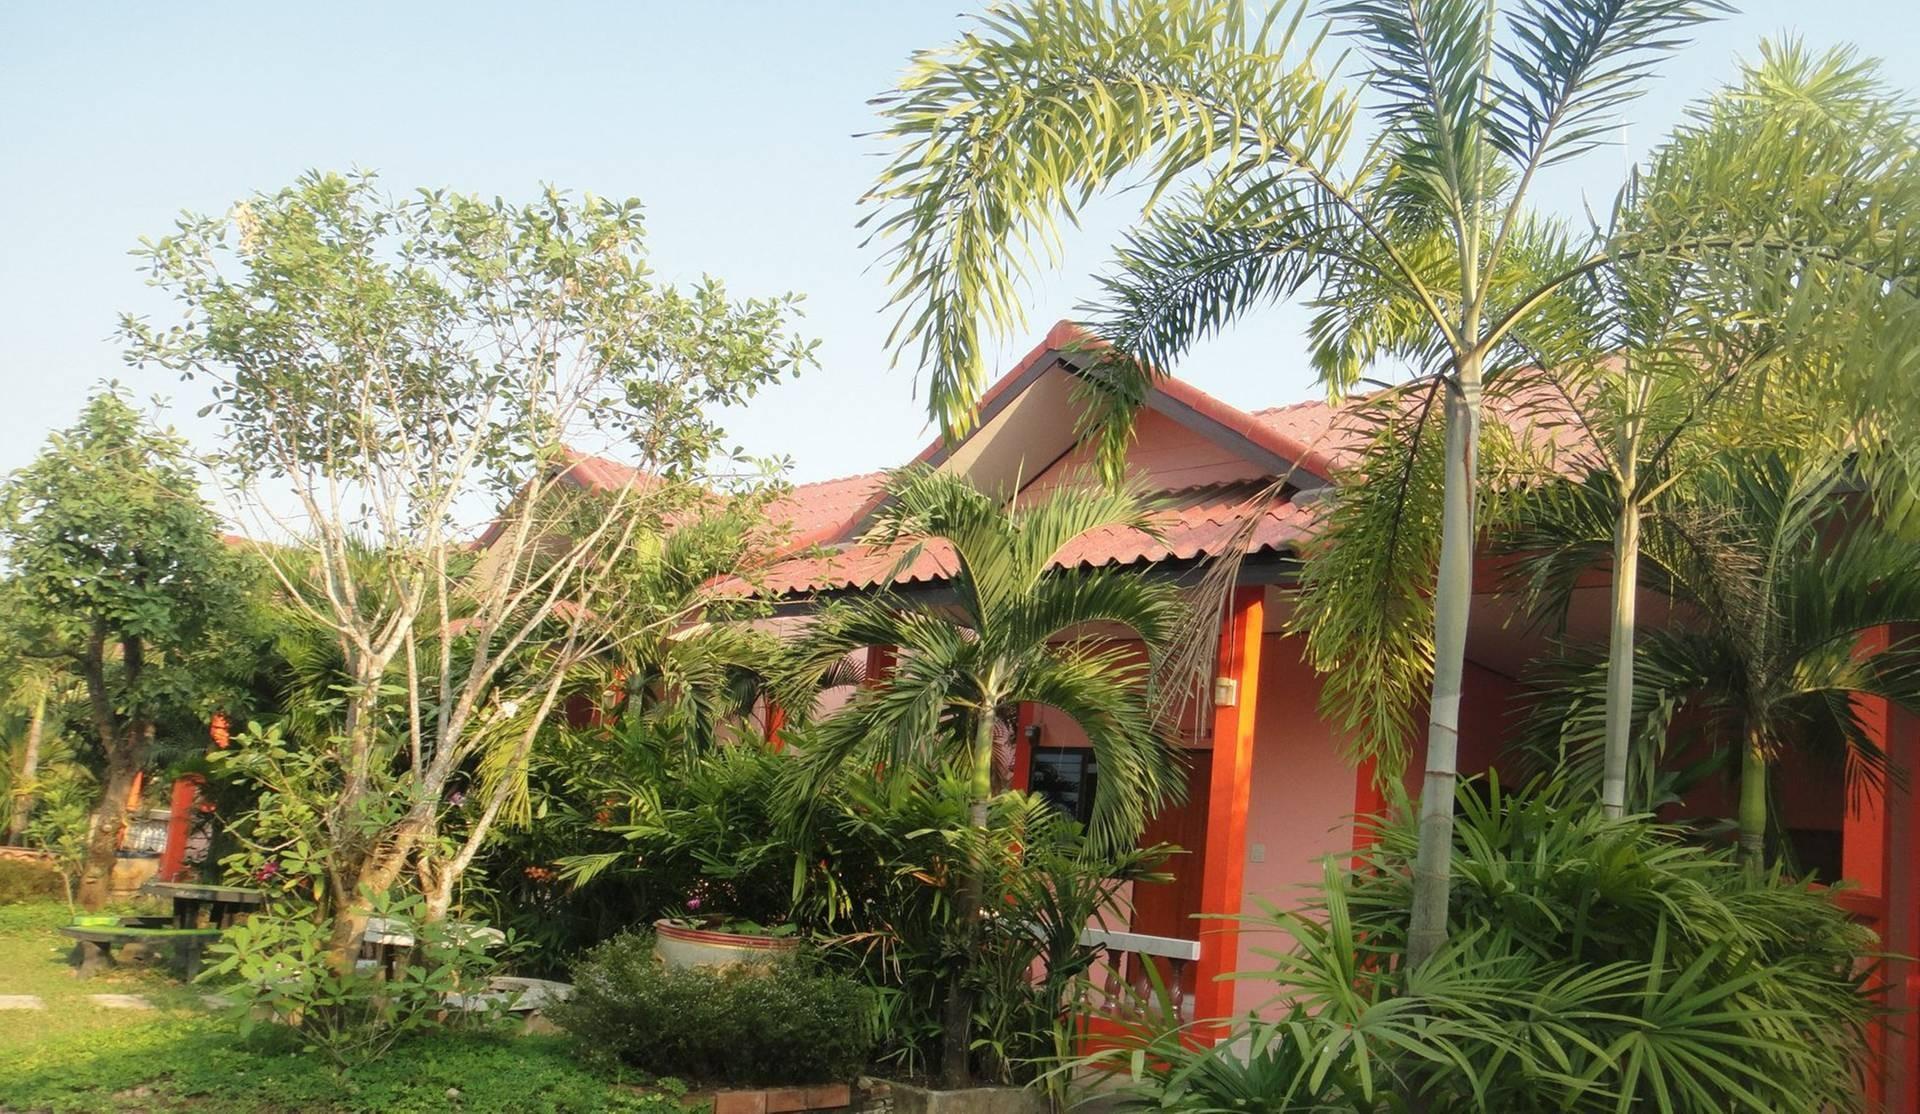 ขอบคุณรูปภาพจาก บ้านสวนปาล์มรีสอร์ท อุตรดิตถ์-Baansuanpalm resort Uttaradit